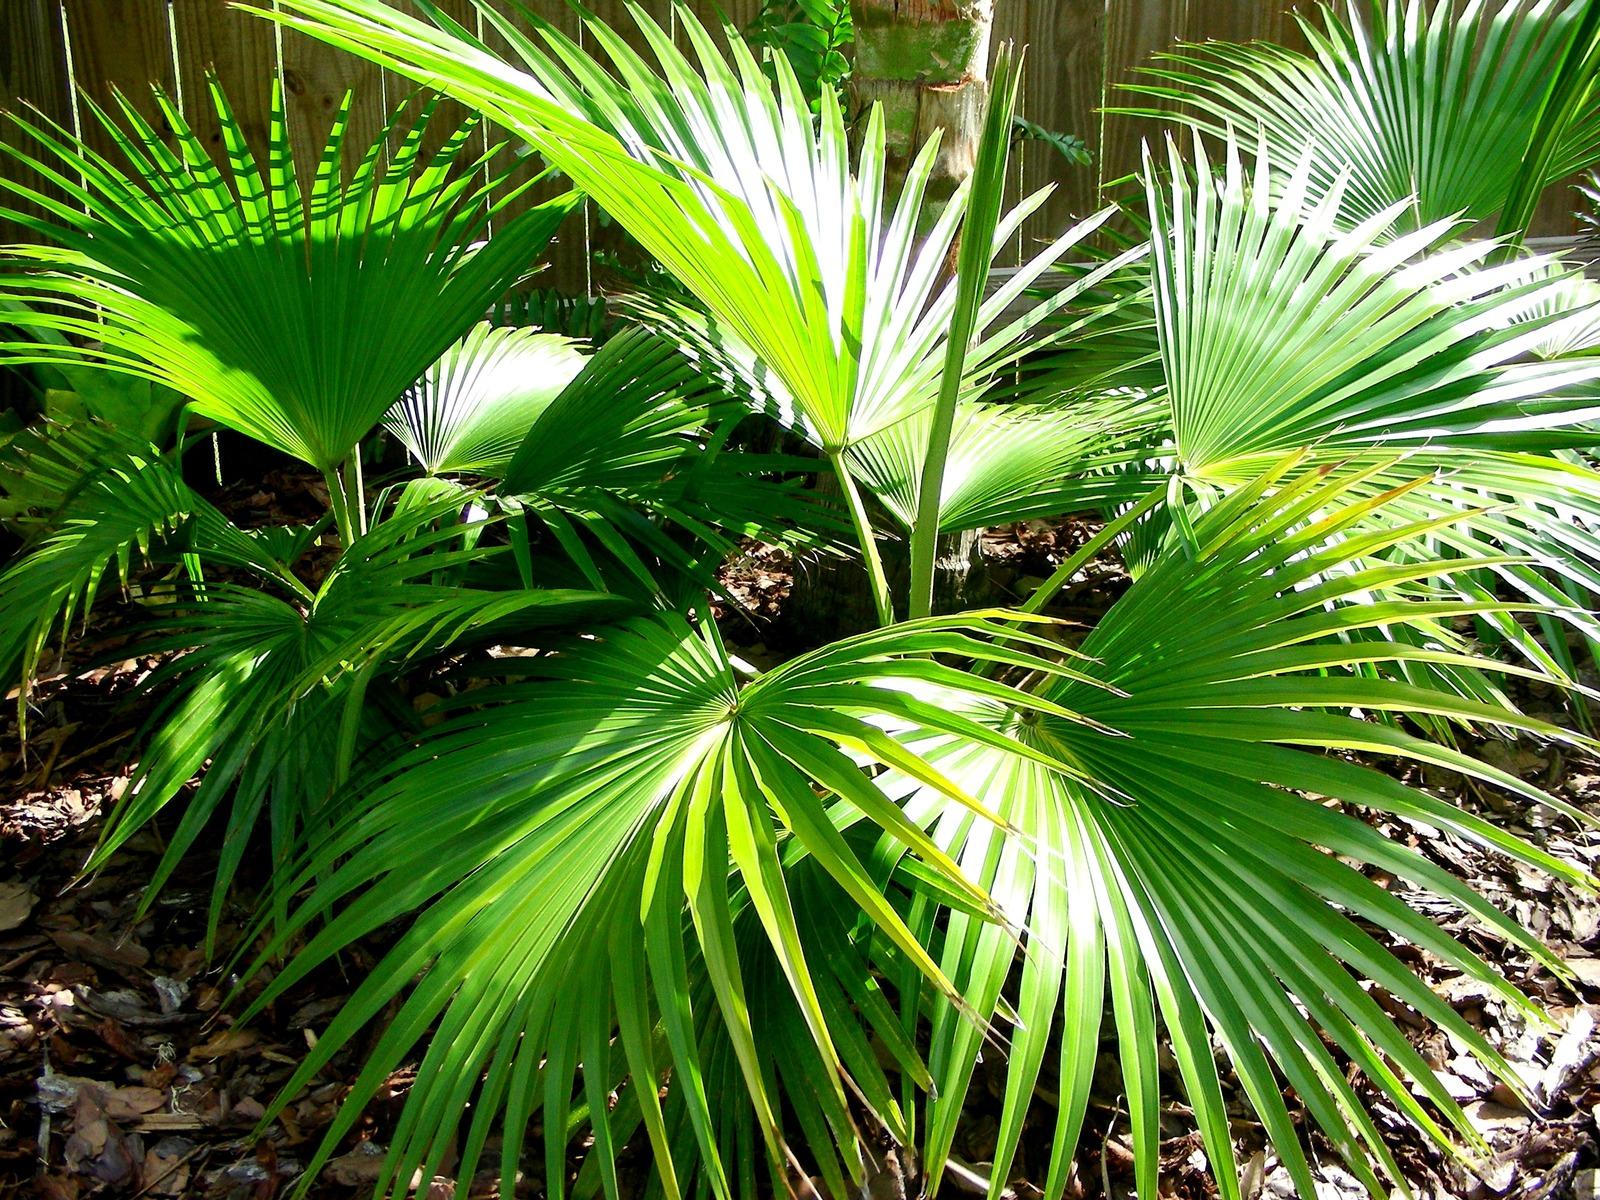 быть тренде, травянистые пальмы виды фото конструкция хороша тем